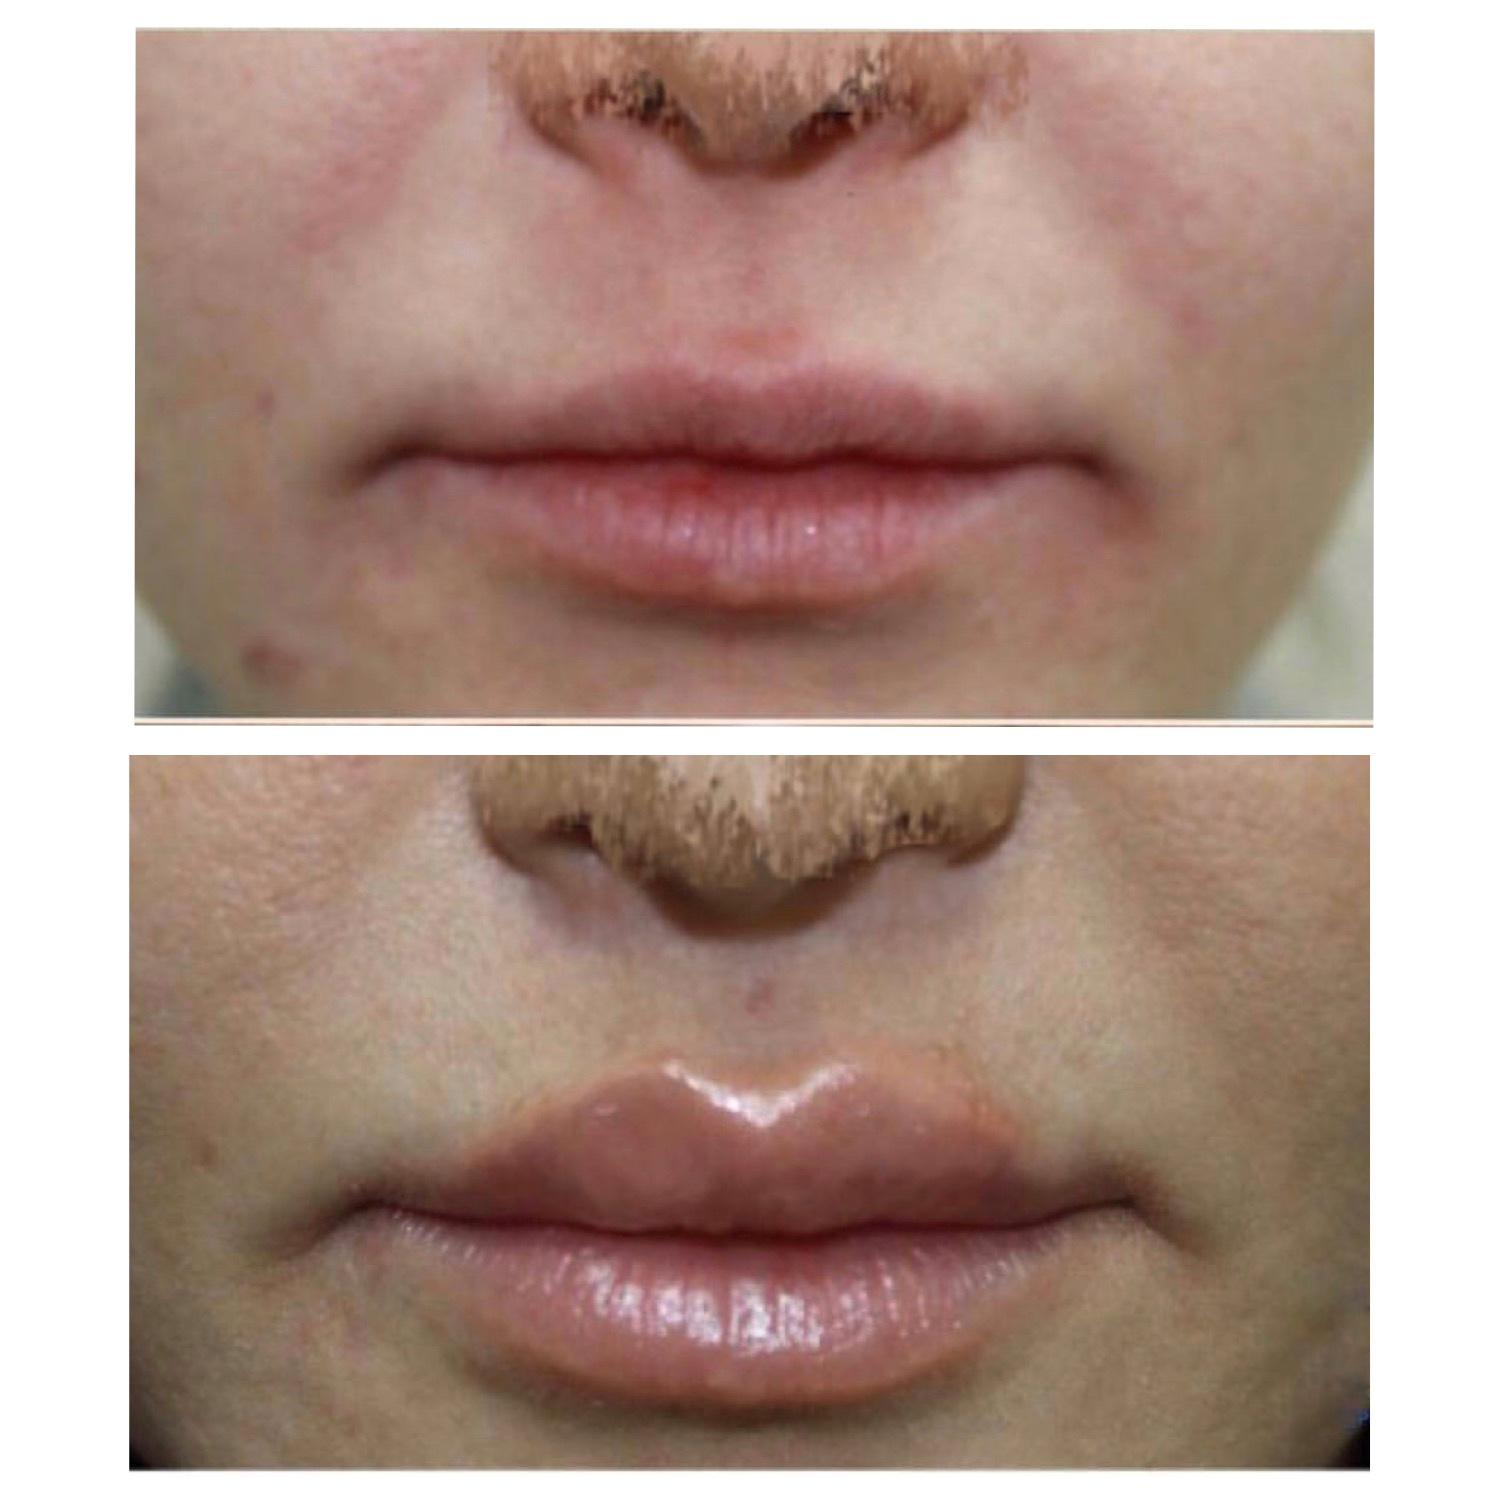 Эстетическая хейлопластика: создаем губы по индивидуальному дизайну, которые украсят ваше лицо